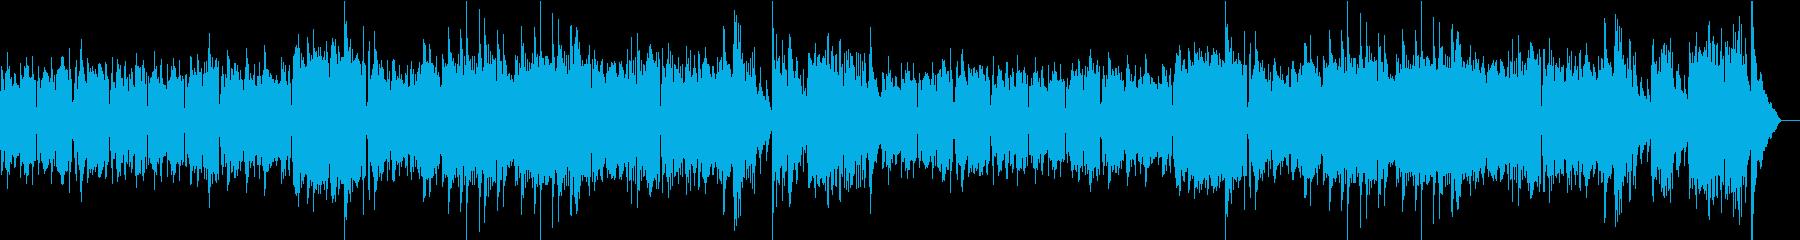 アコーディオンのシャンソン風明るいワルツの再生済みの波形